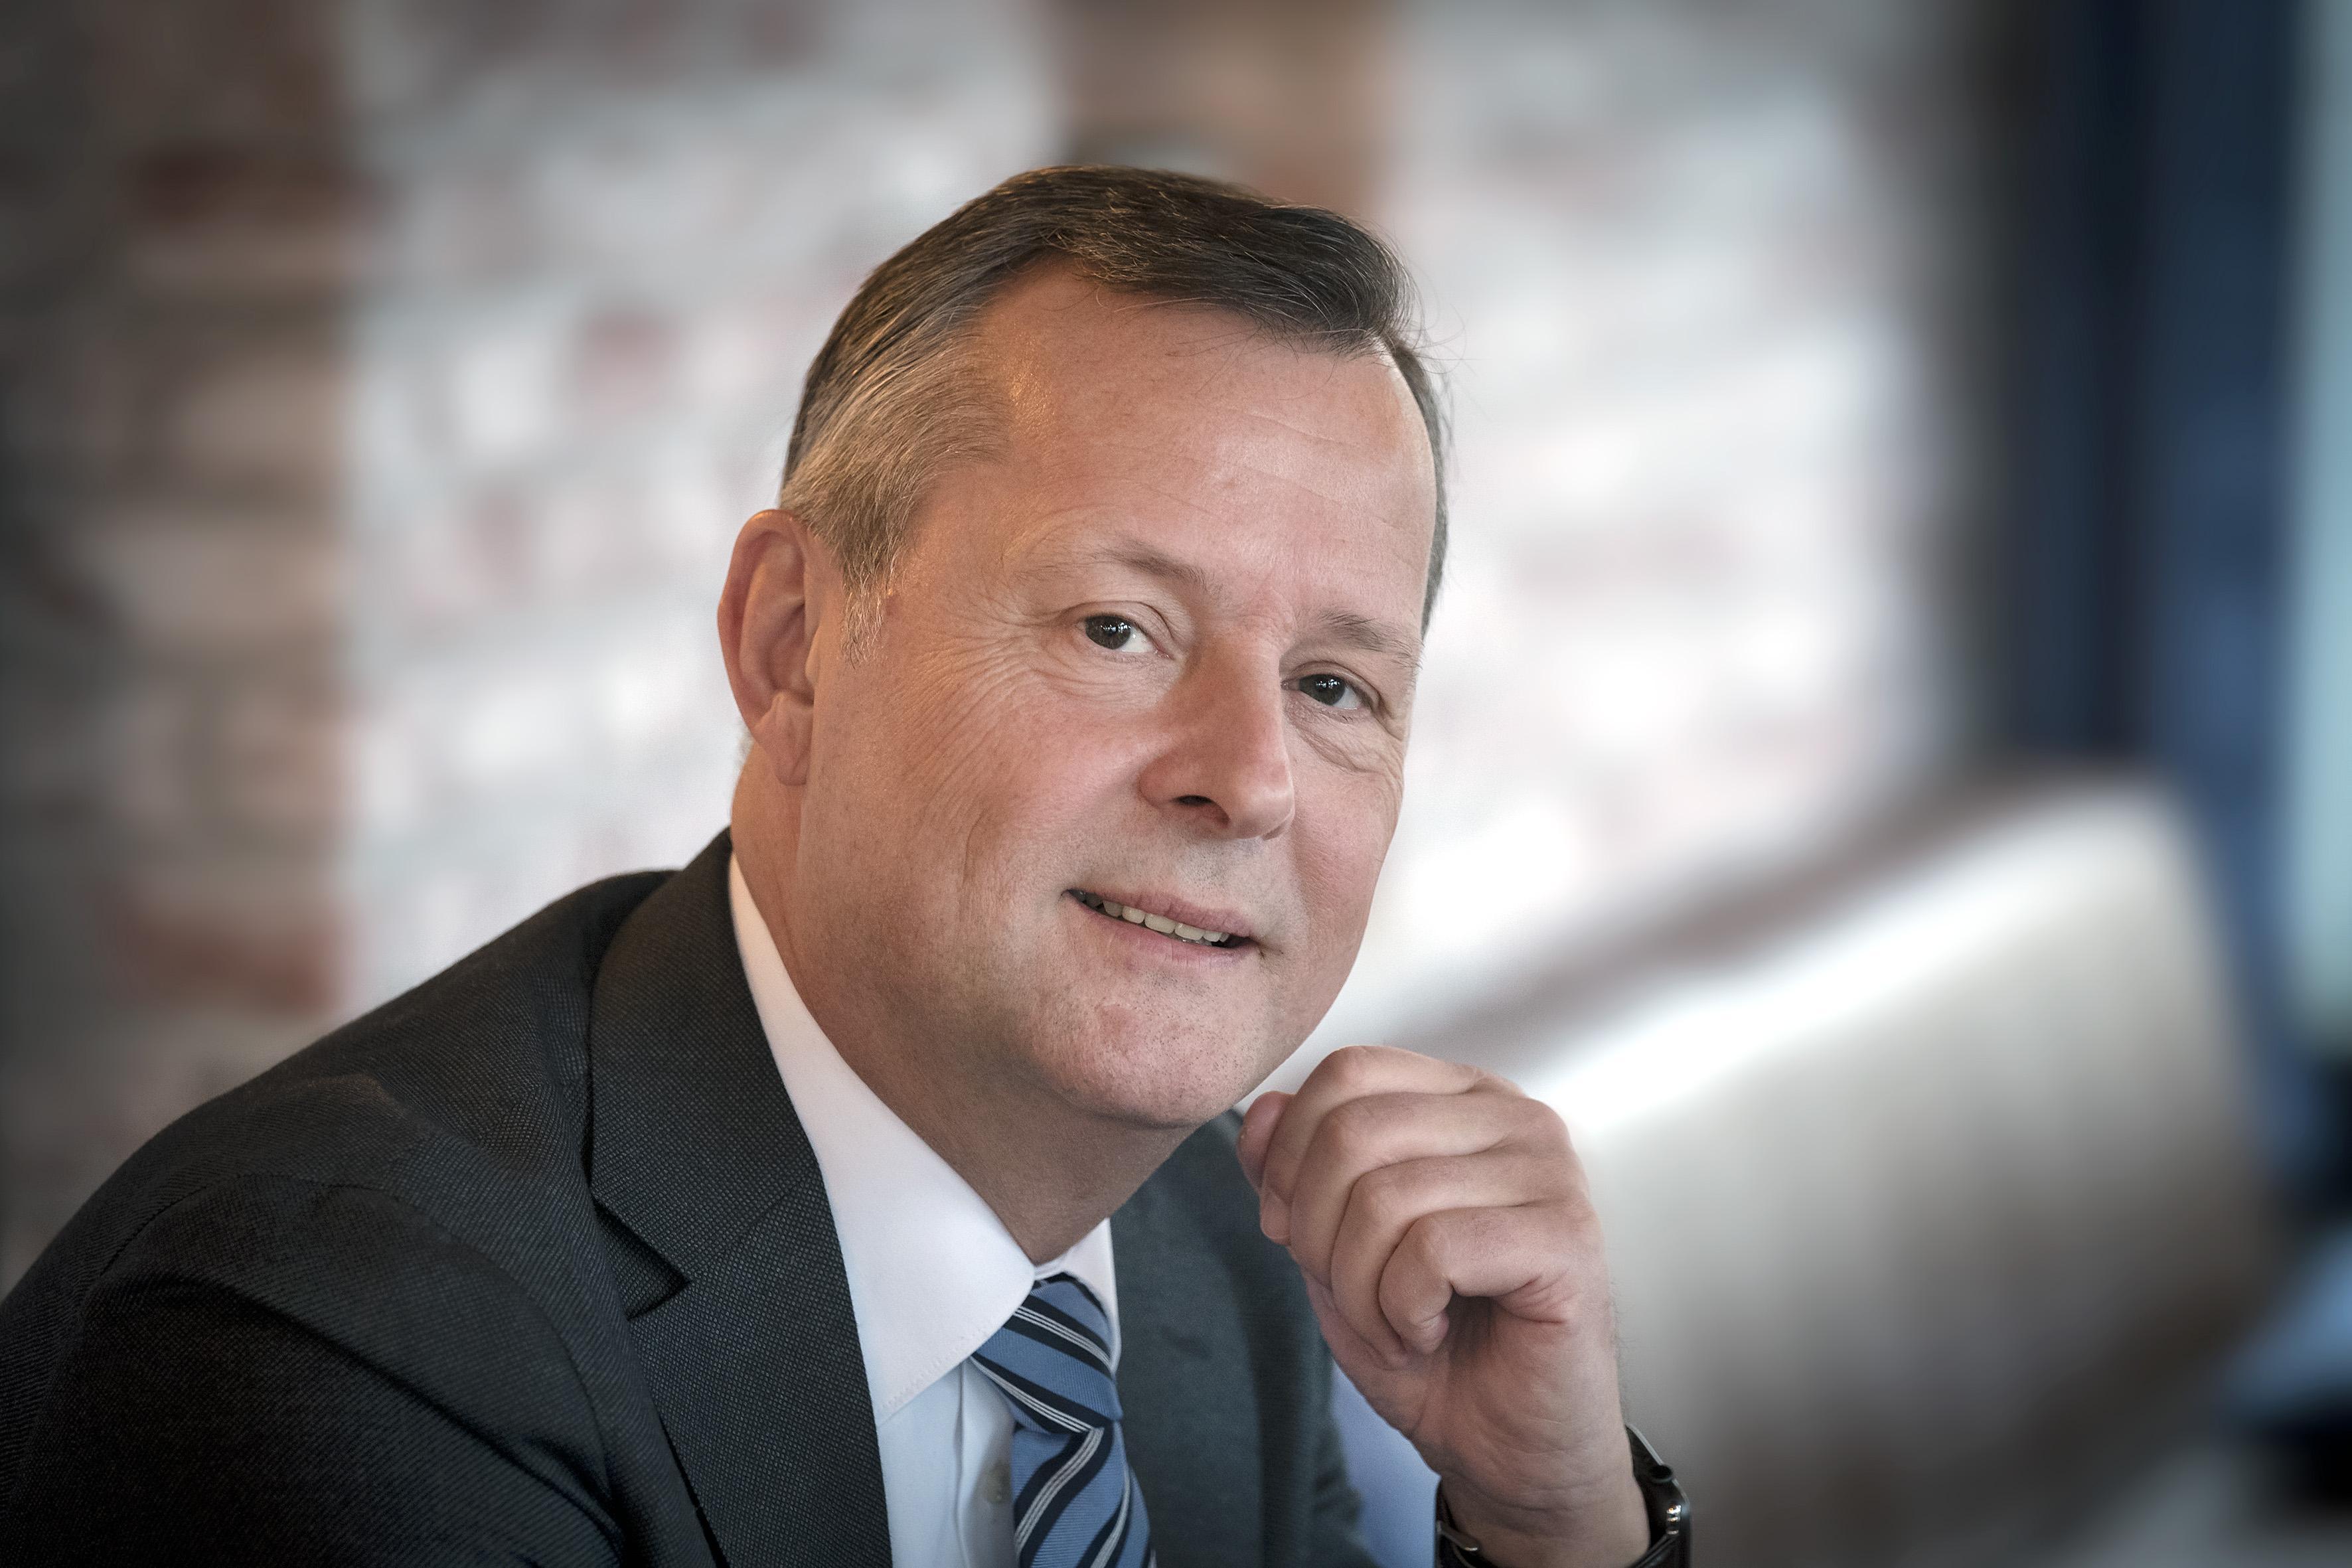 Commissaris van de Koning Van Dijk bemoeit zich niet met de ruzie tussen kunstenaar Rob Scholte en de gemeente Den Helder